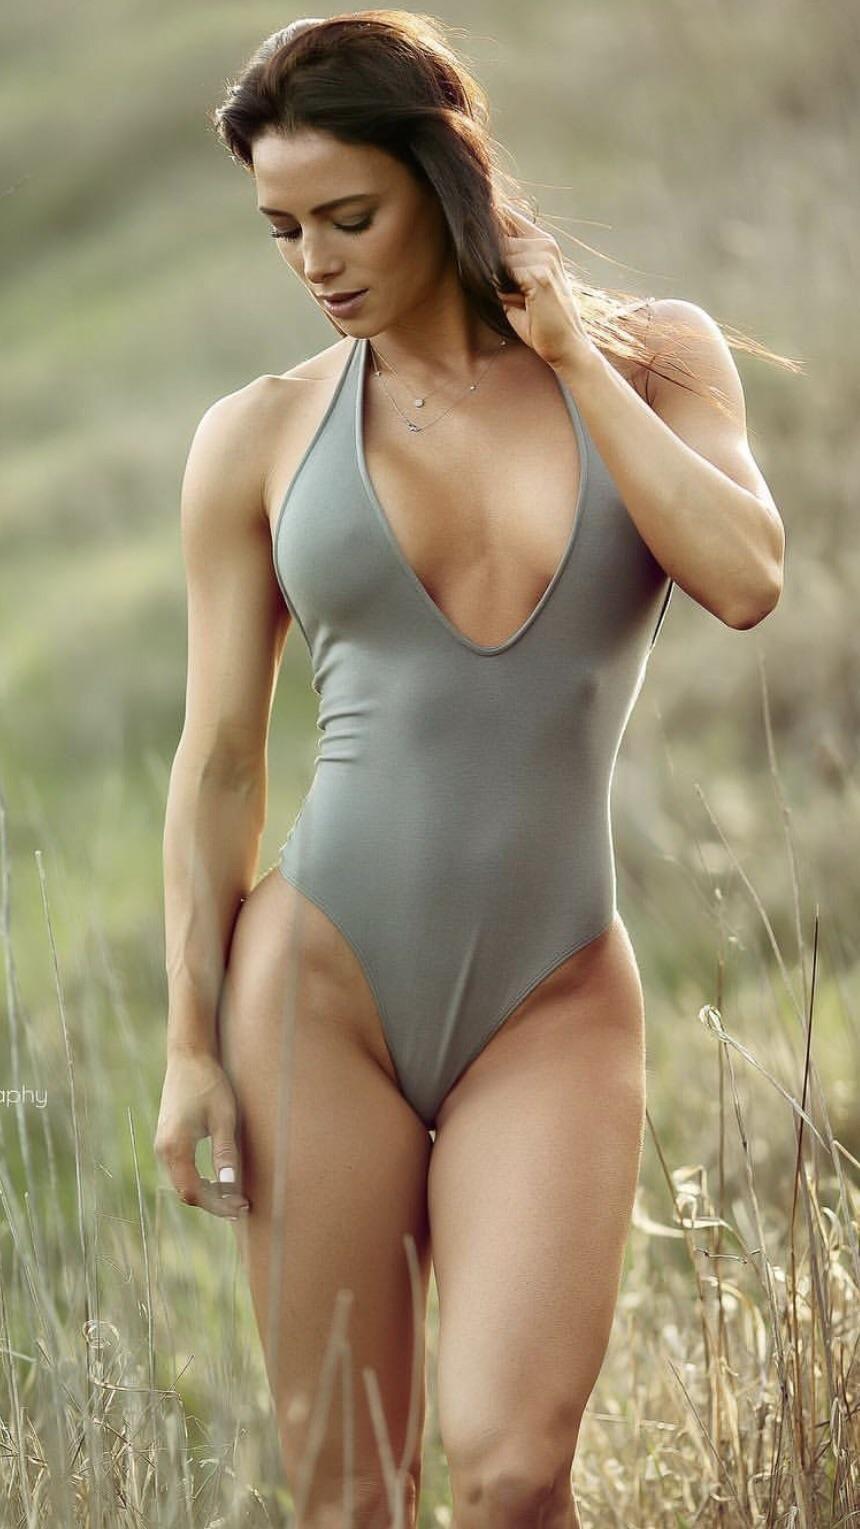 young girl bikini mound